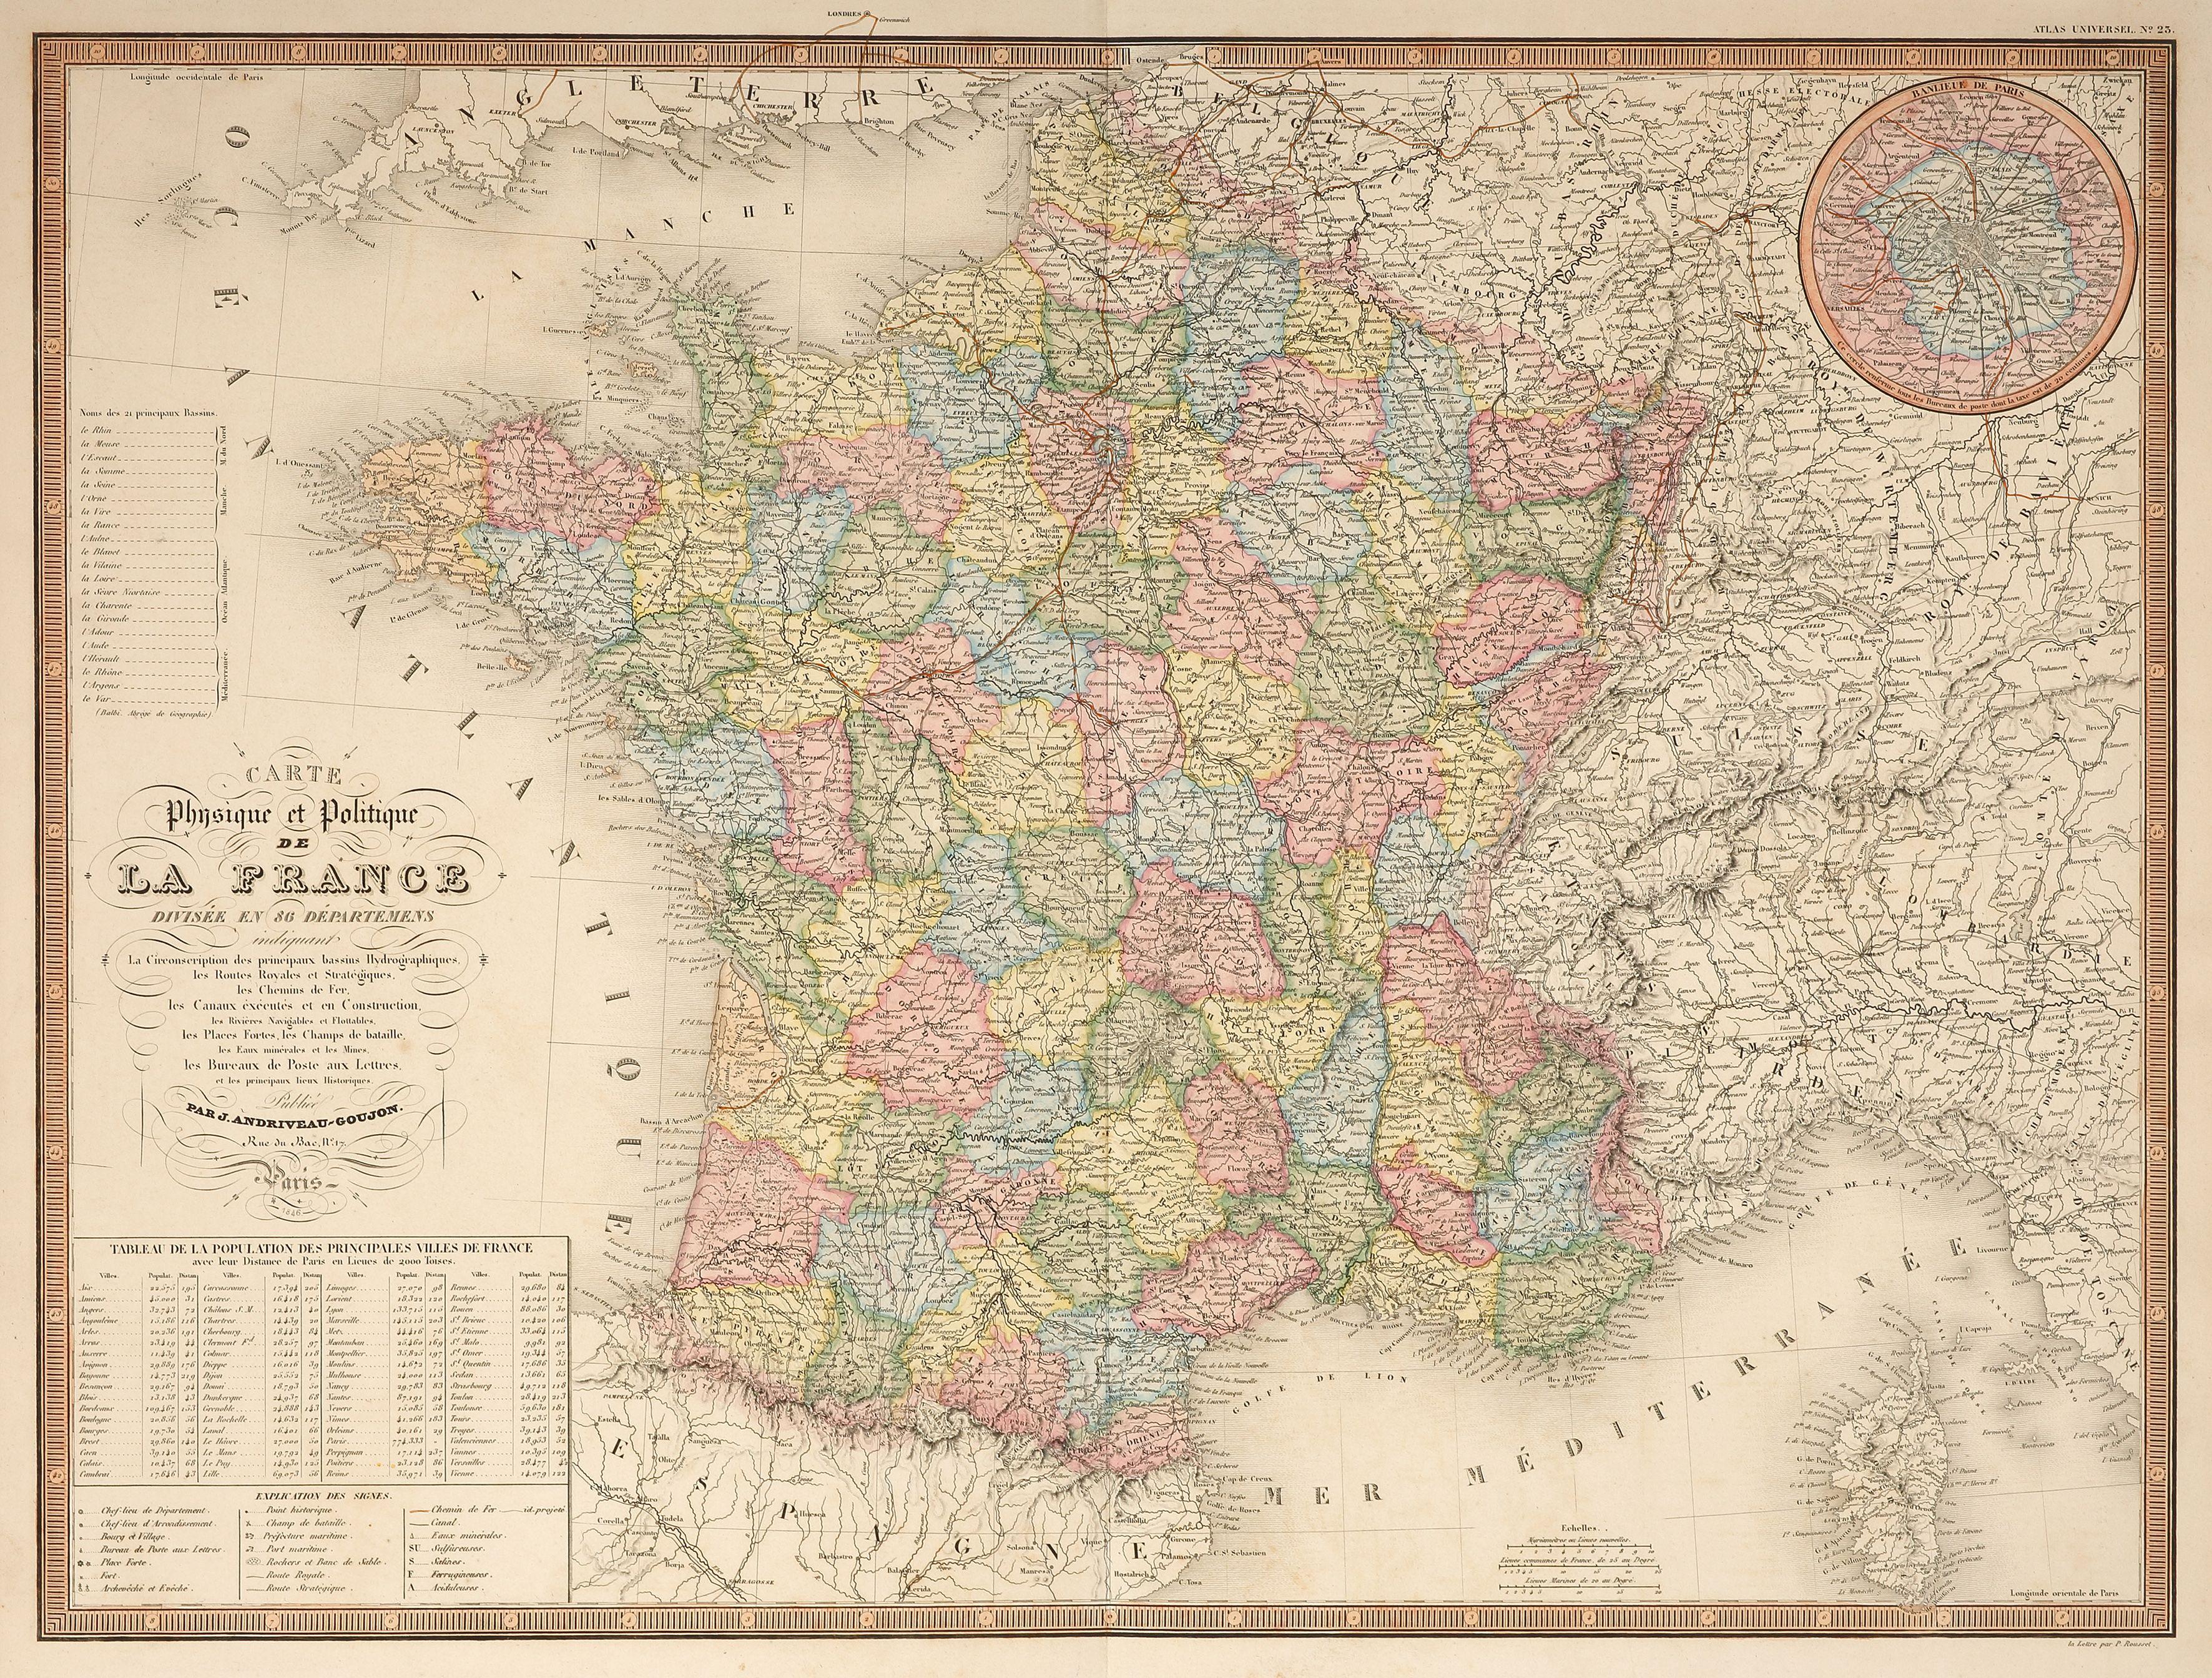 Large Scale Map Of France.Title Carte Physique Et Politique De La France Divisee En